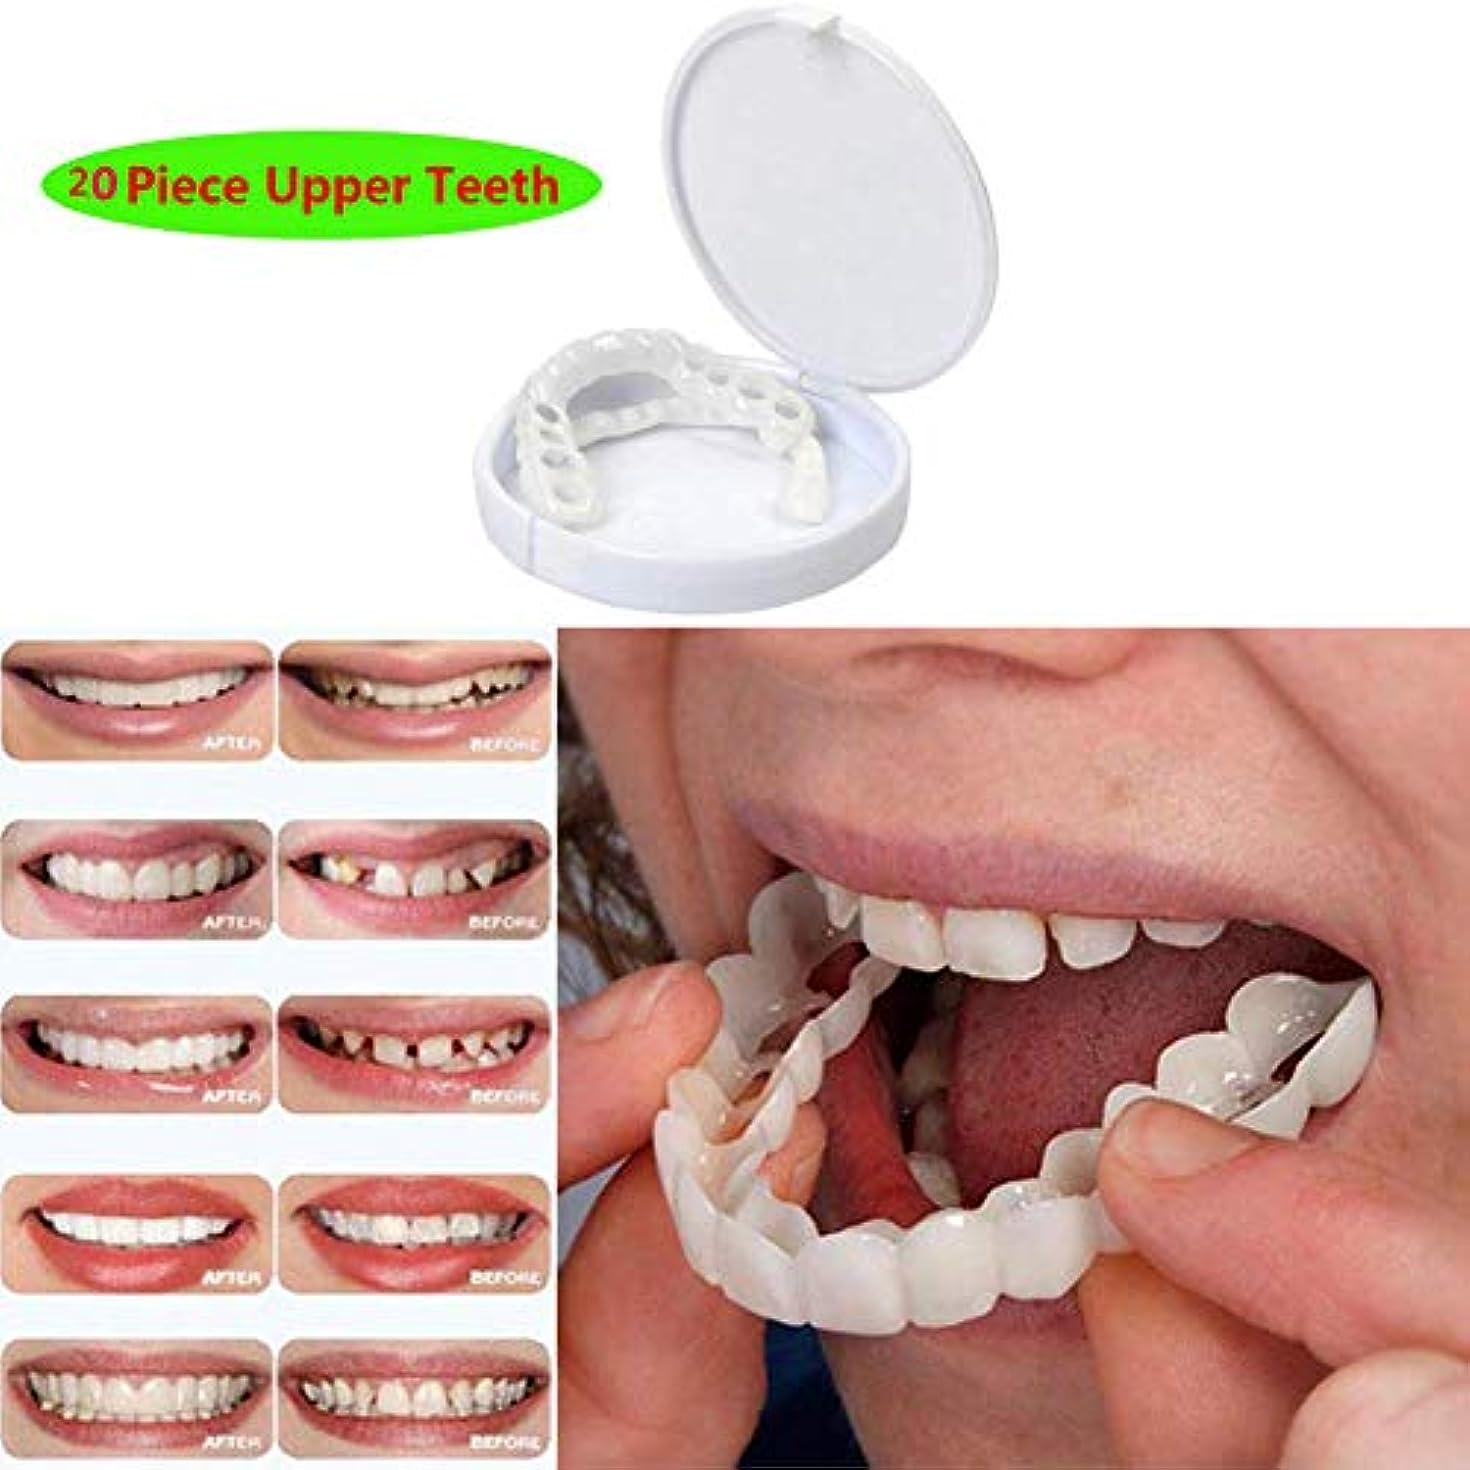 うそつき一掃するアルミニウム一時的な化粧品の歯義歯の歯快適な屈曲を完全に白くする化粧品の模倣された上部の支柱わずかな分のベニヤ、20PCS上部の歯